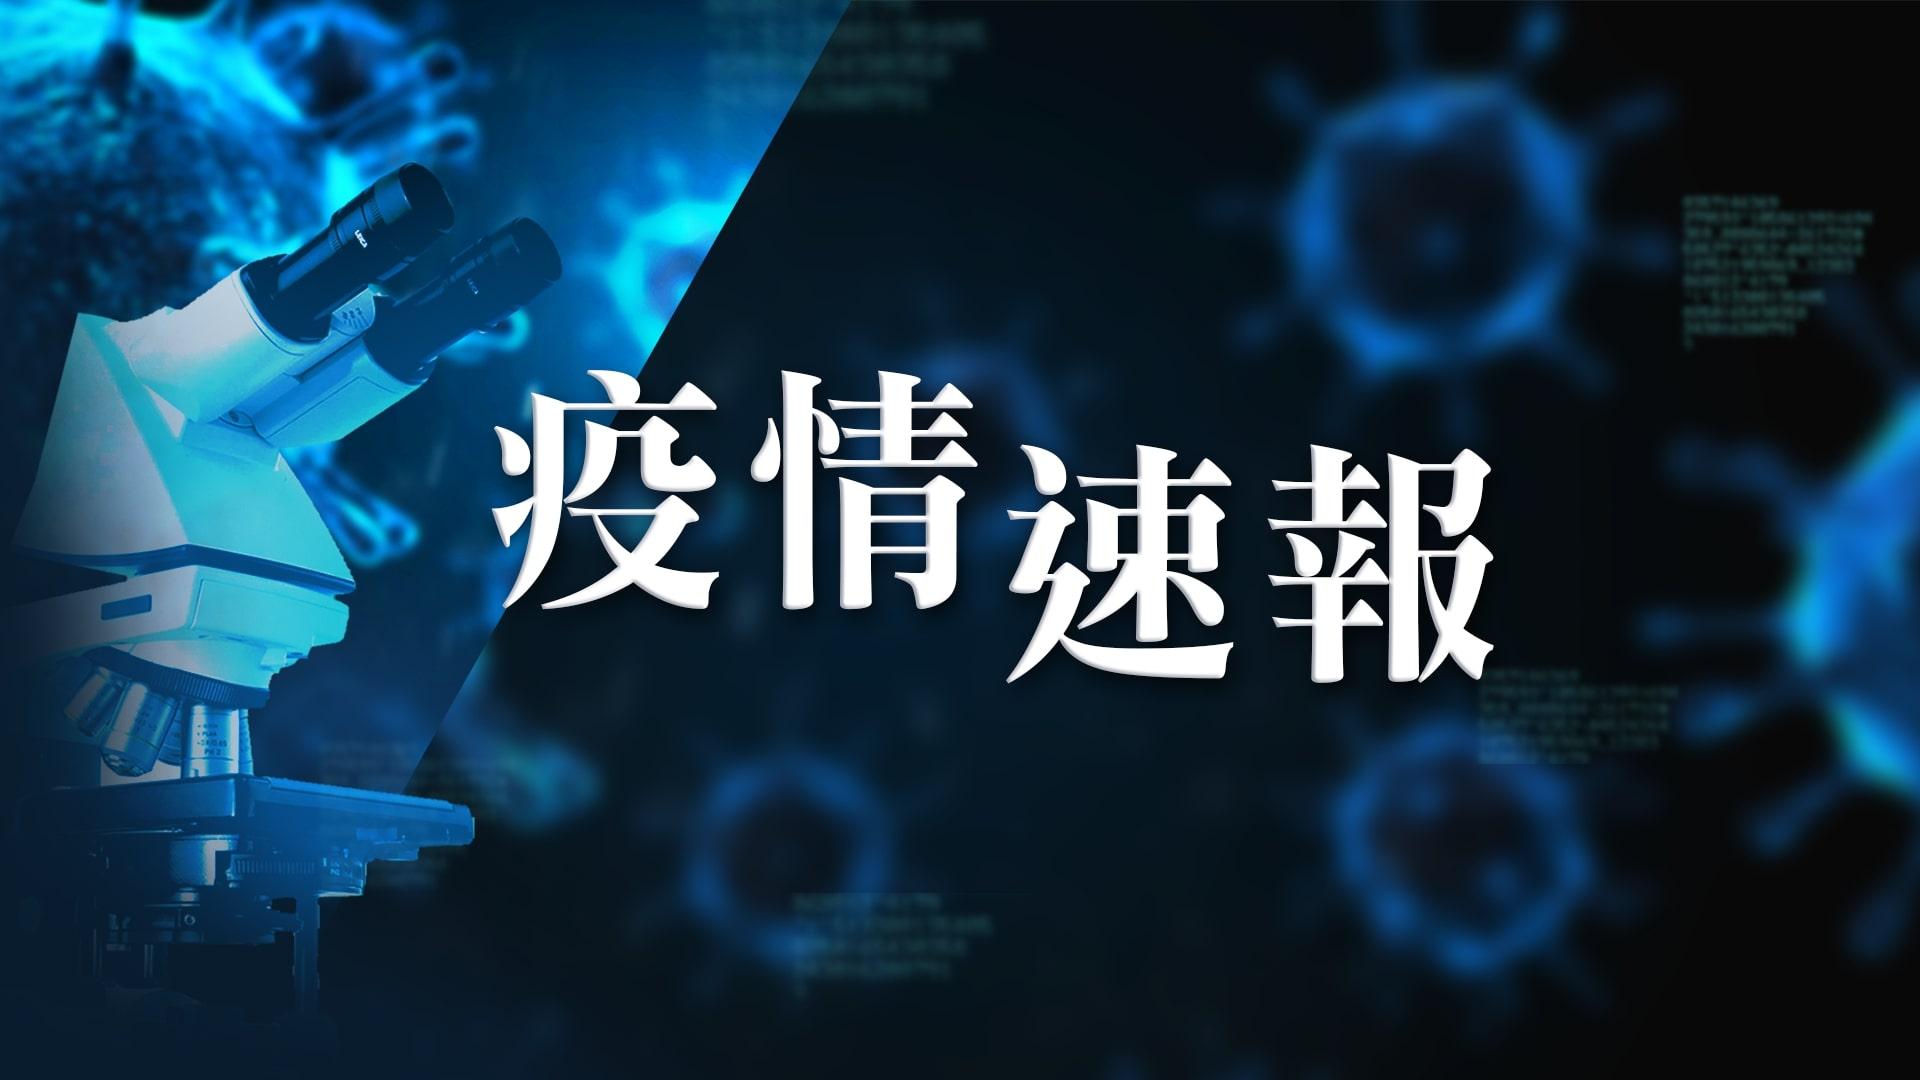 【2月25日疫情速報】(09:50)